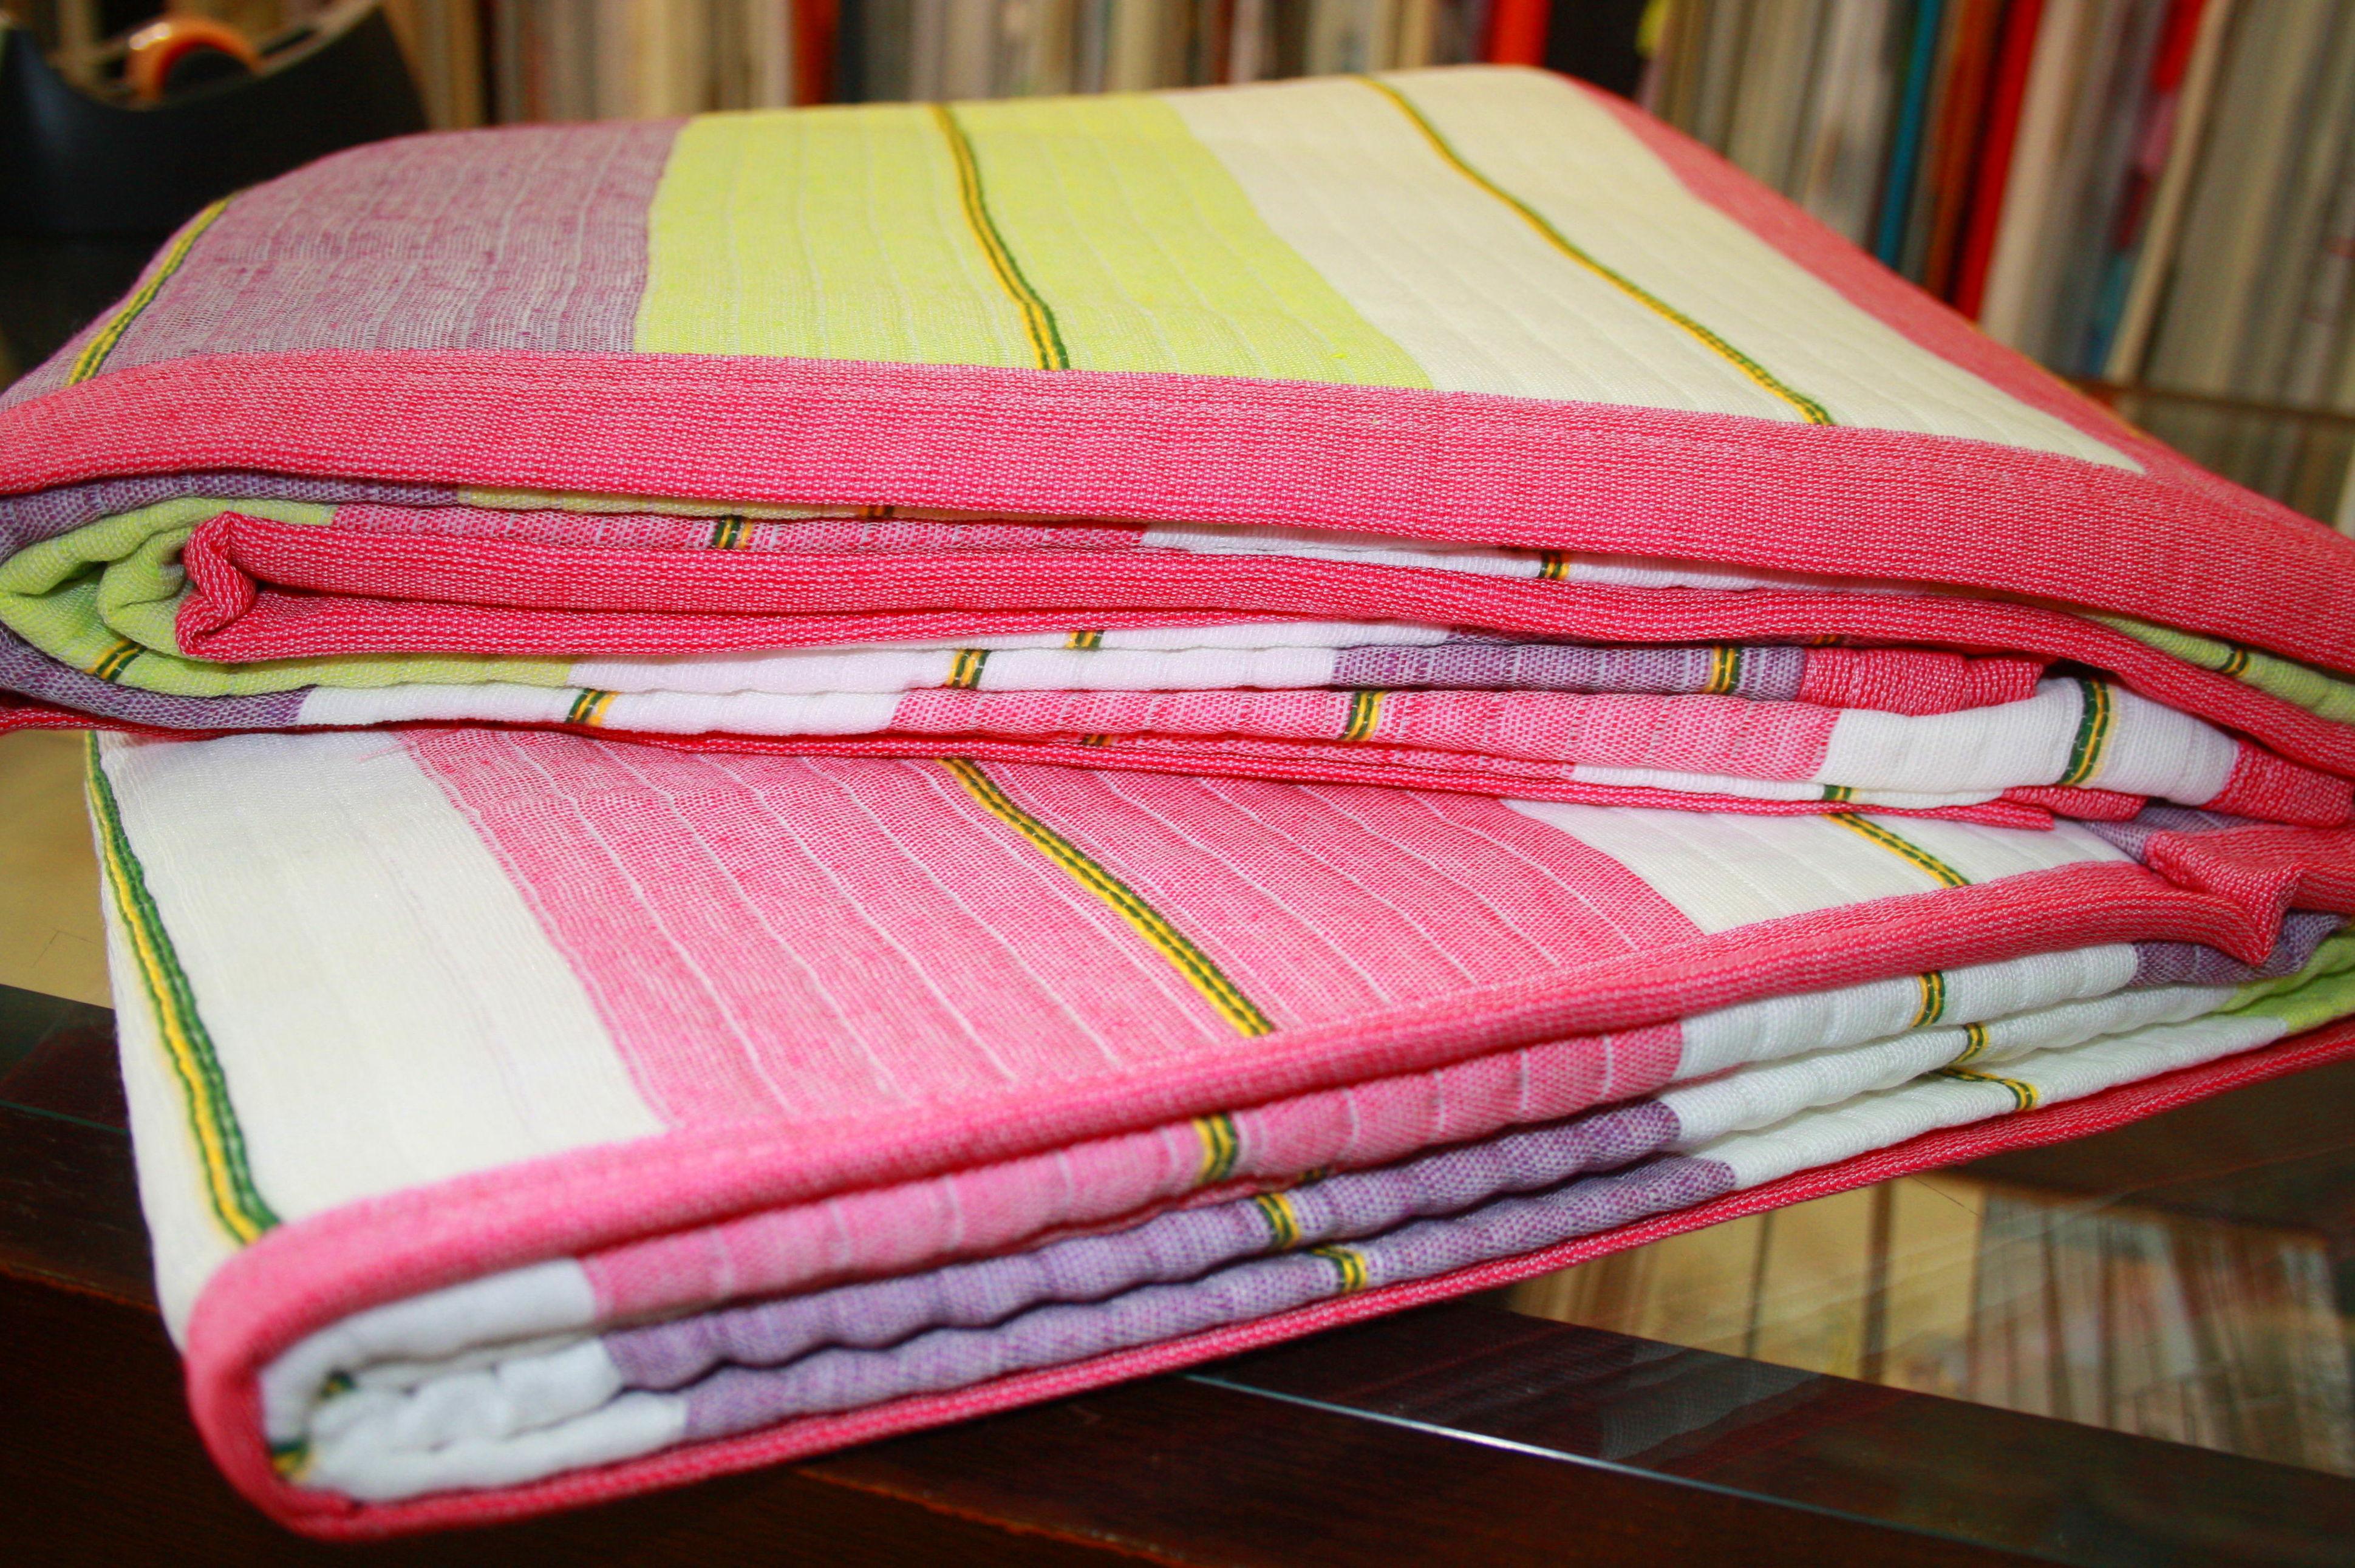 Colcha lineas rosa y verde cama 1.50 cm.: Catálogo de La Cibeles